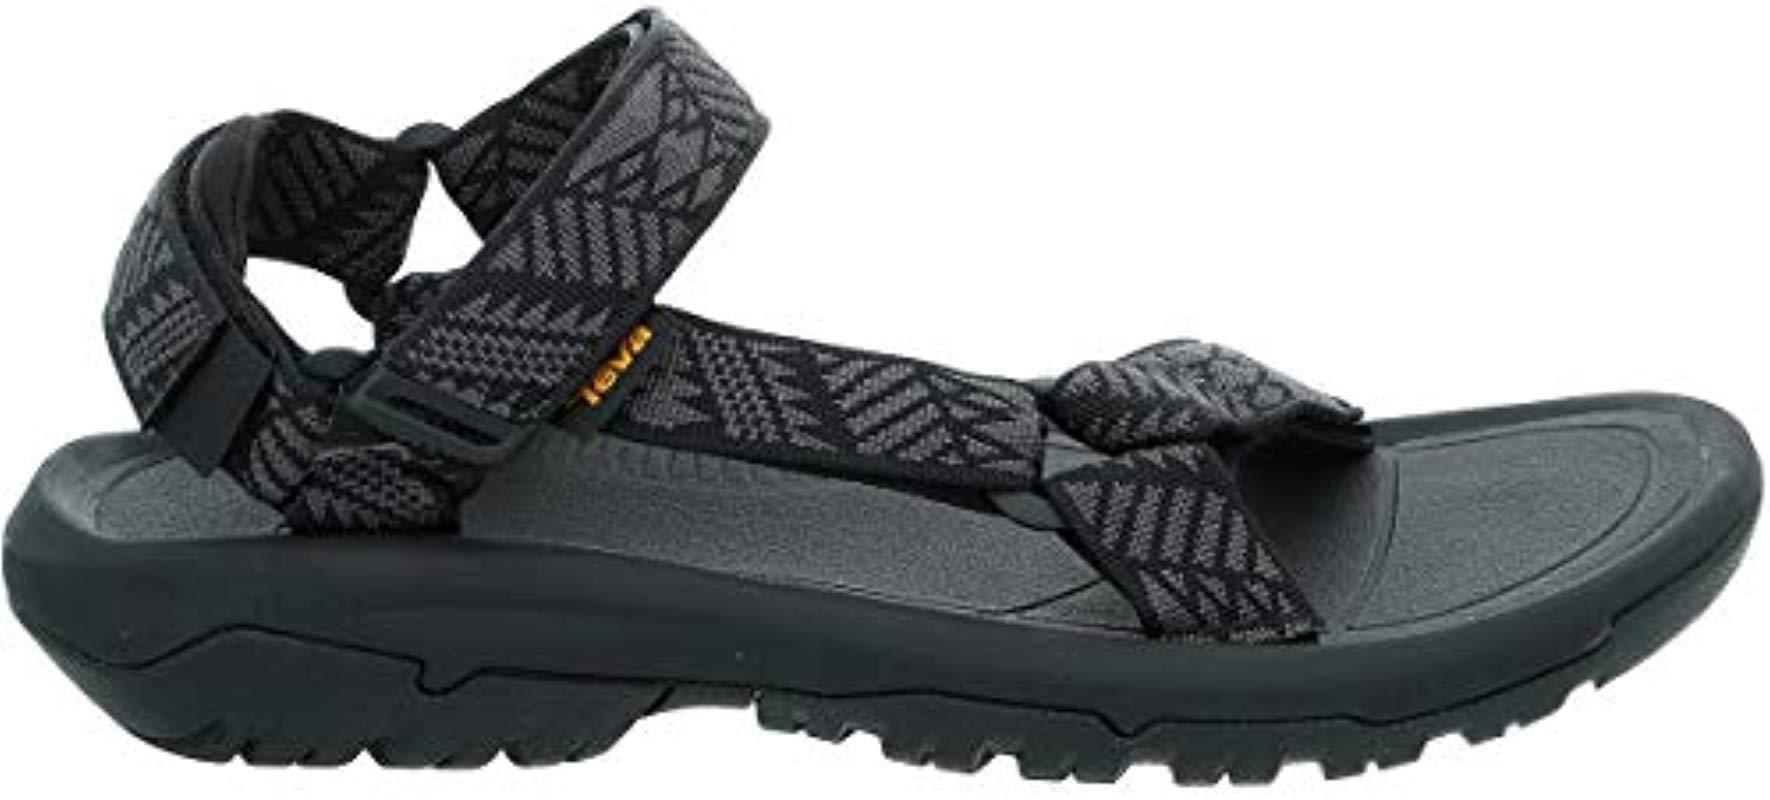 50a3cb913 Teva Hurricane Xlt2 Open Toe Sandals in Black for Men - Lyst